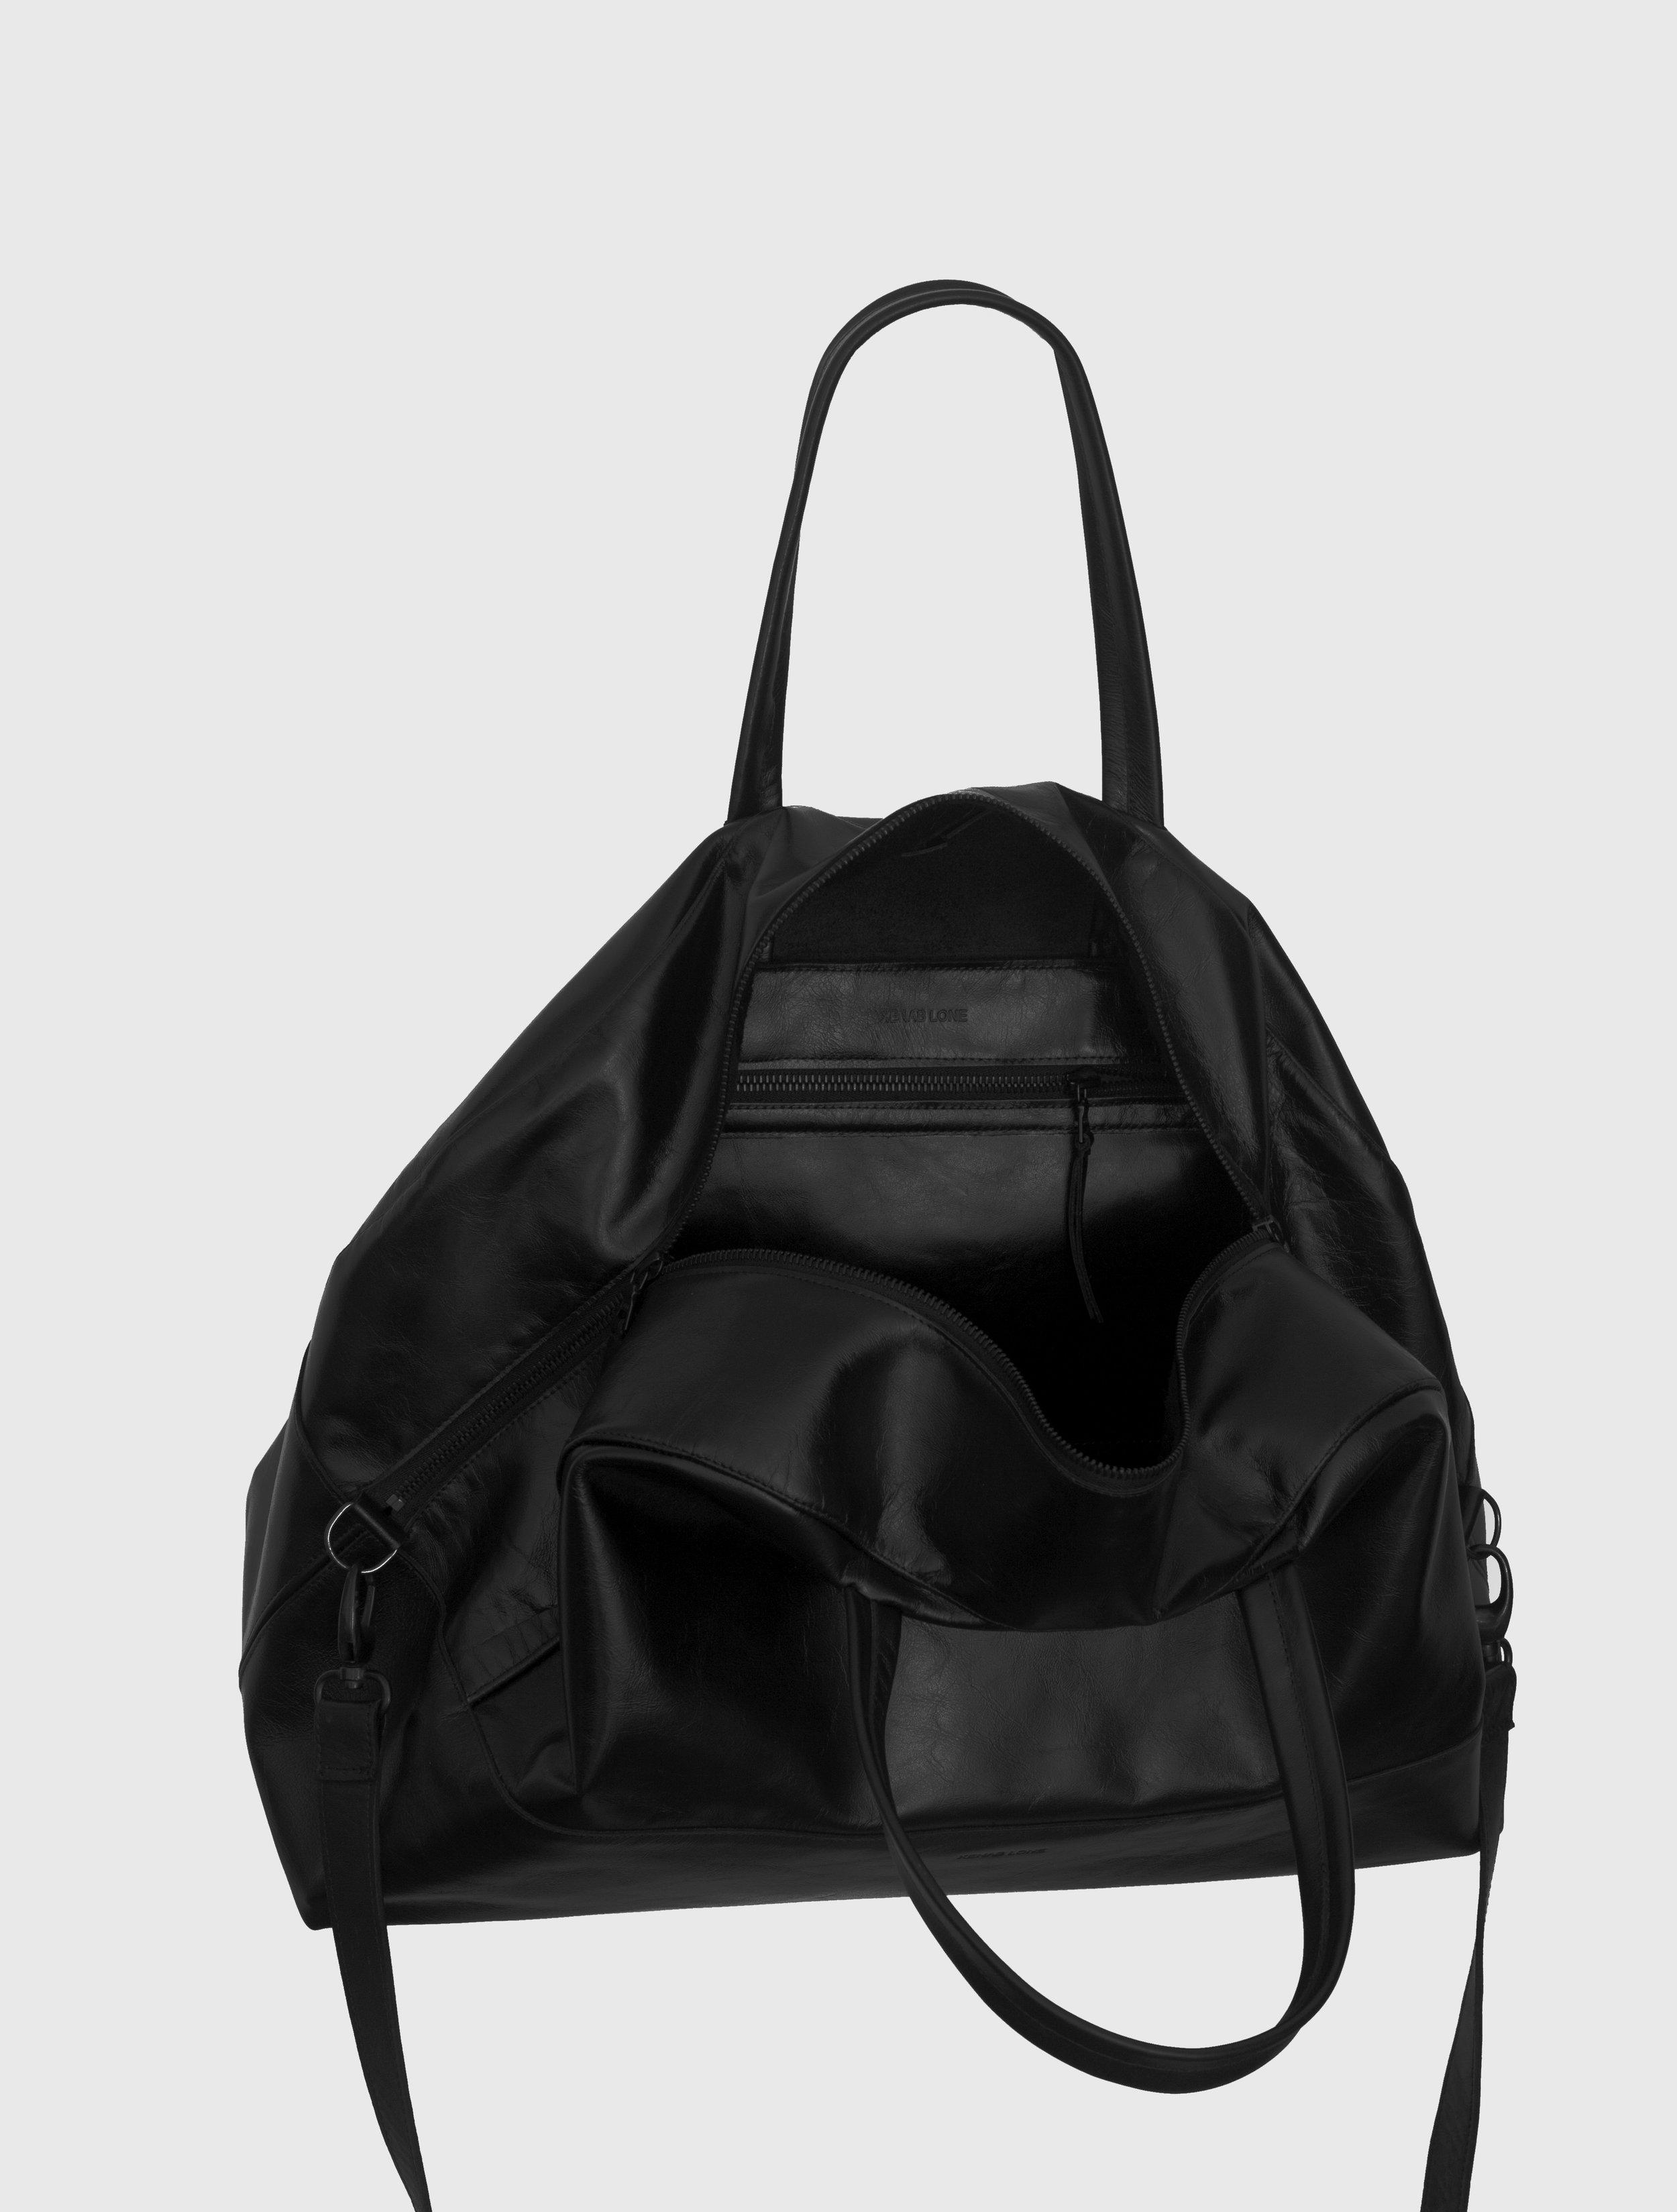 ARCHED BAG2.jpg